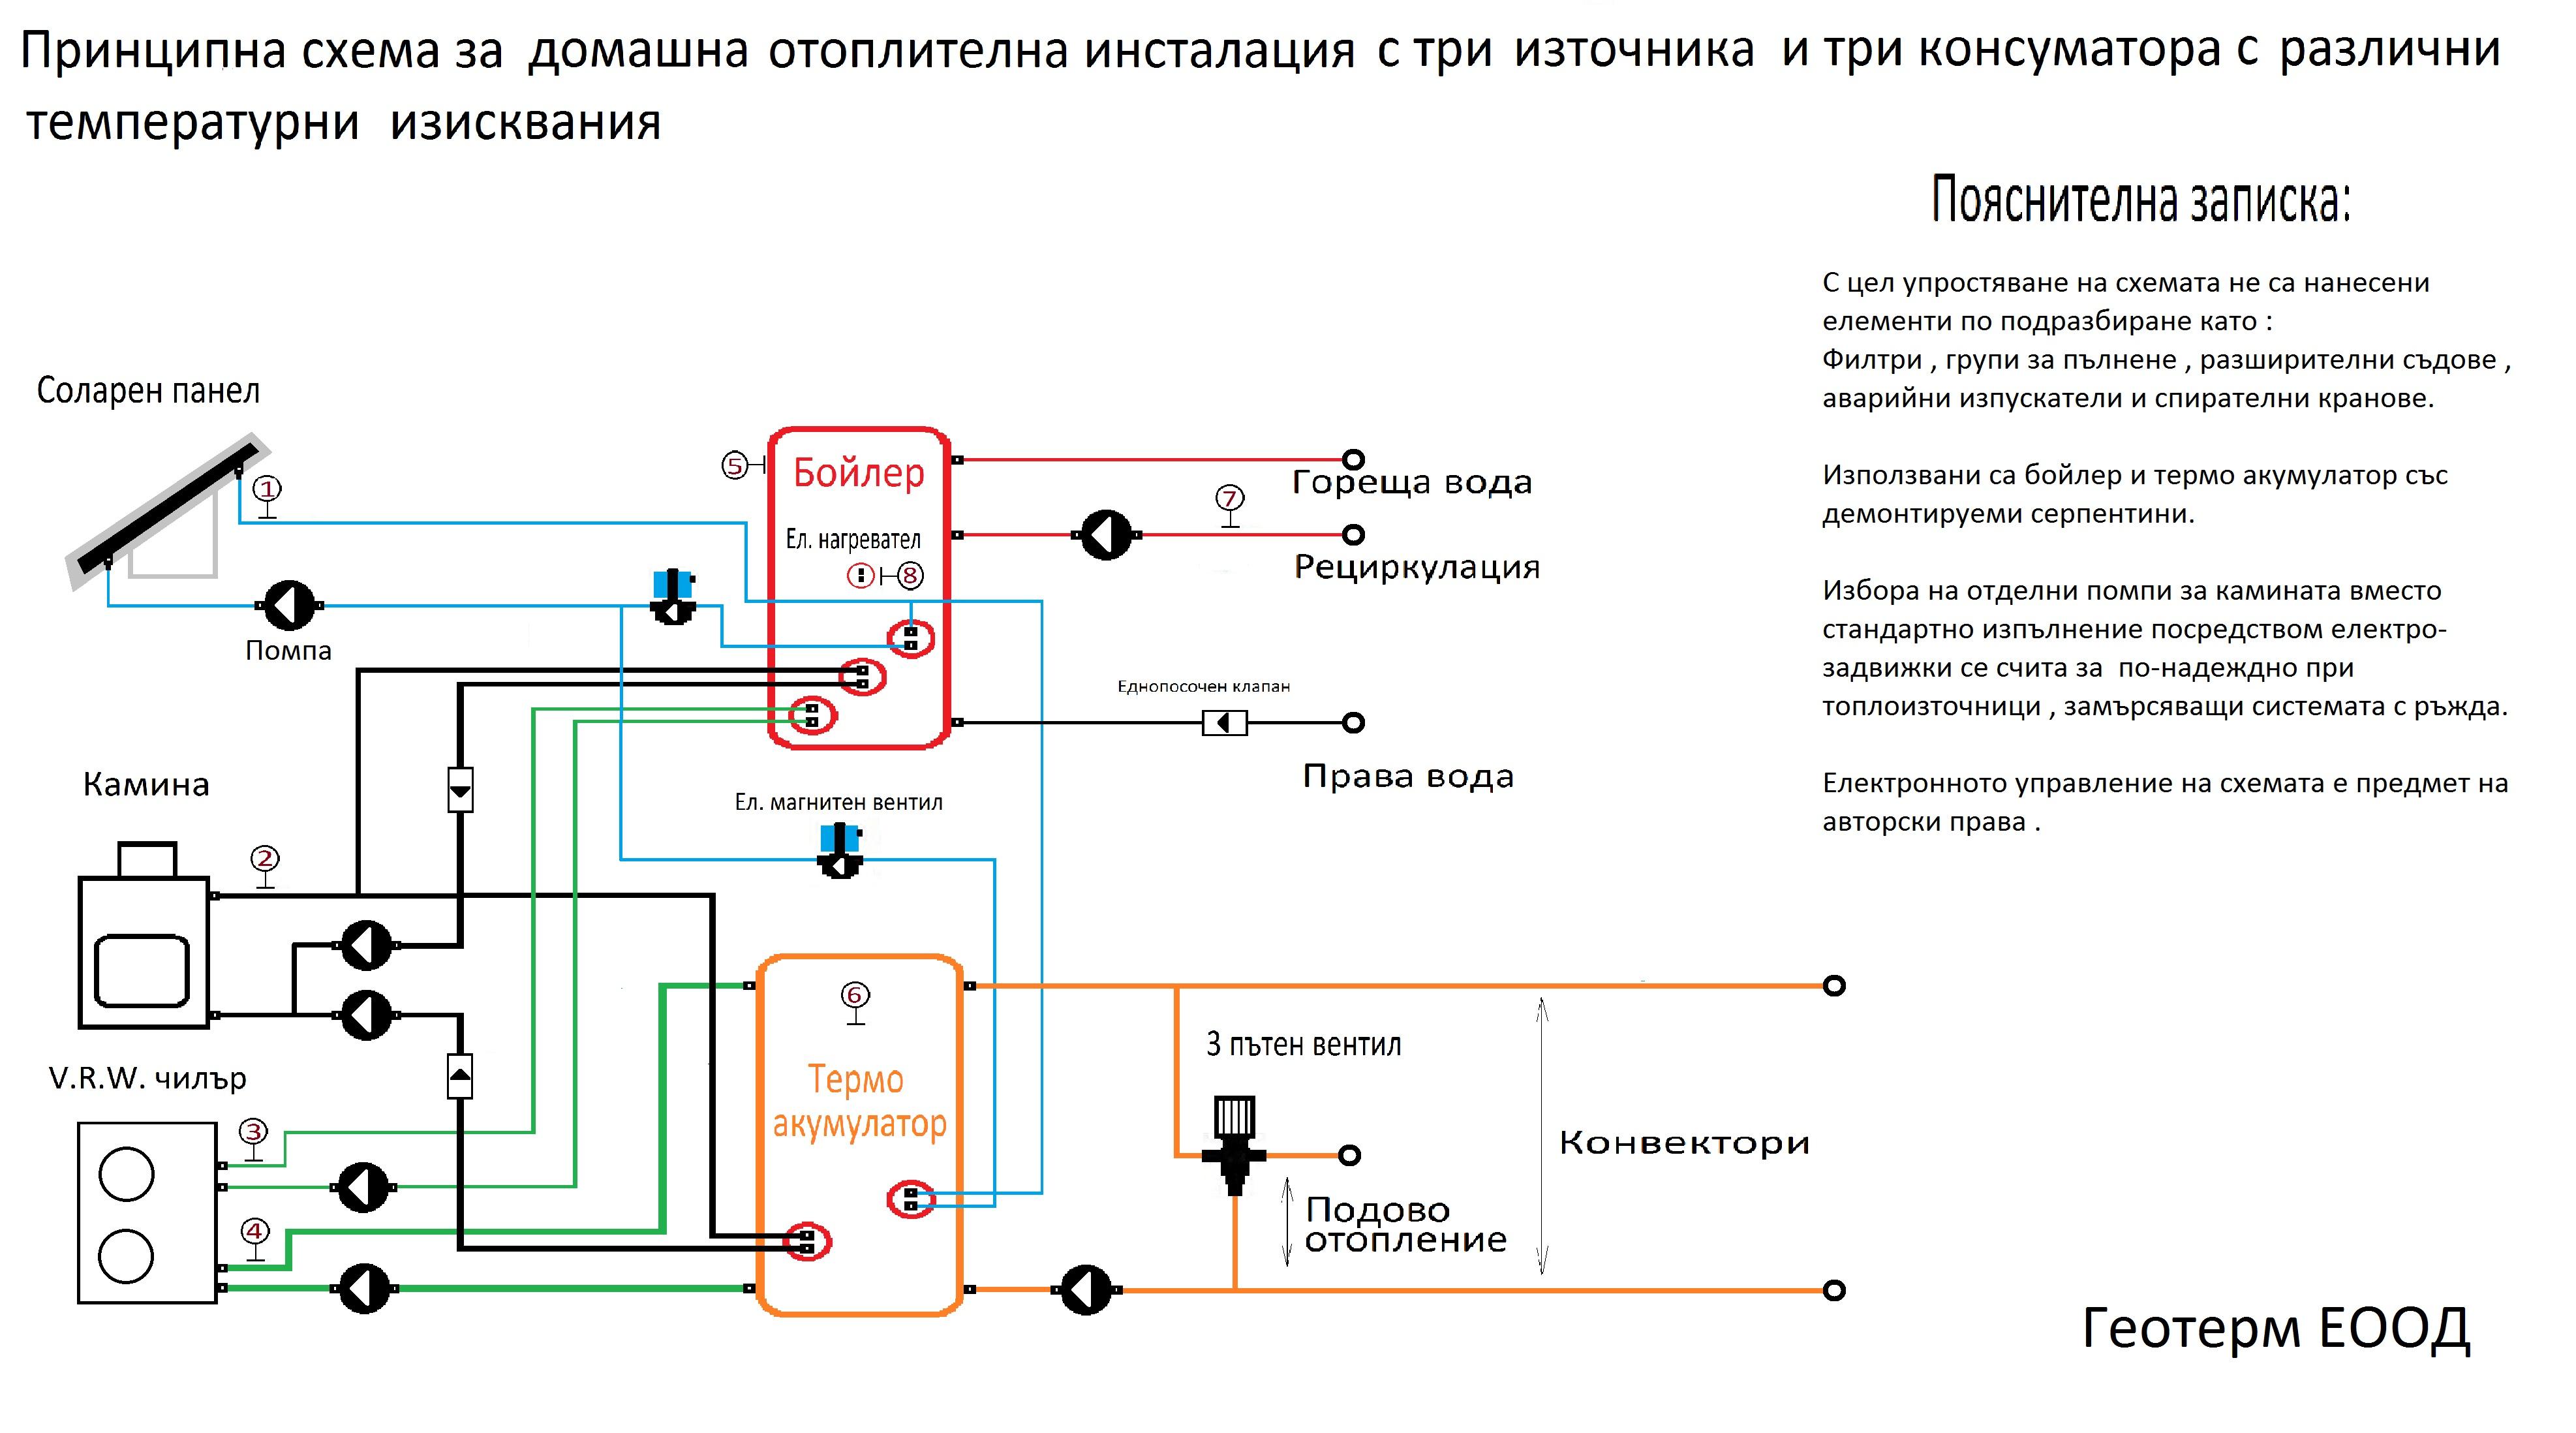 Схема на домашна отоплителна инсталация с три топлоизточника и три консуматора с различни температурни изисквания